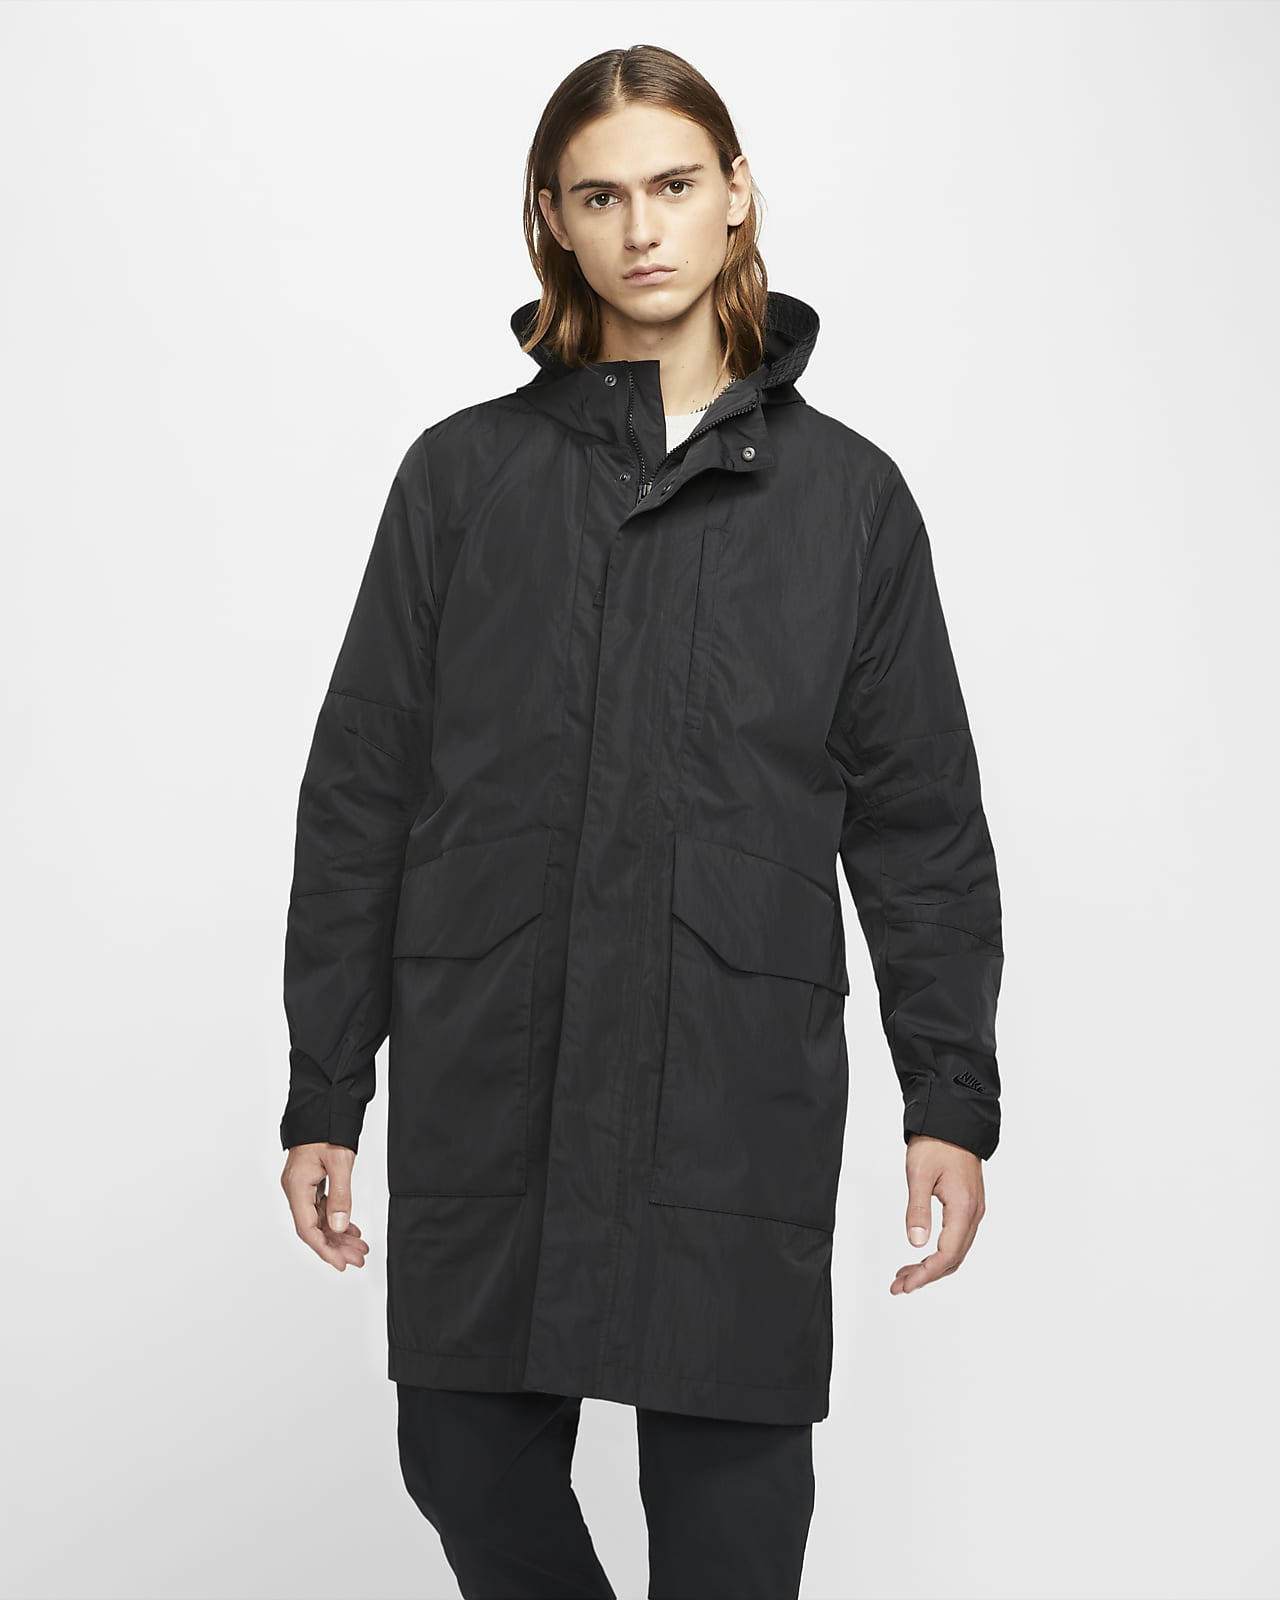 Nike Sportswear Men's Hooded Parka